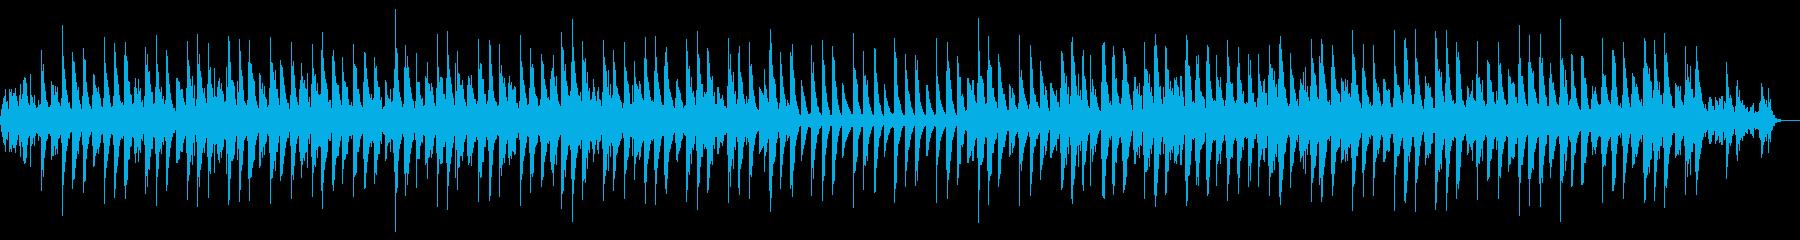 落ち着いた美しい音色のヒーリングBGMの再生済みの波形